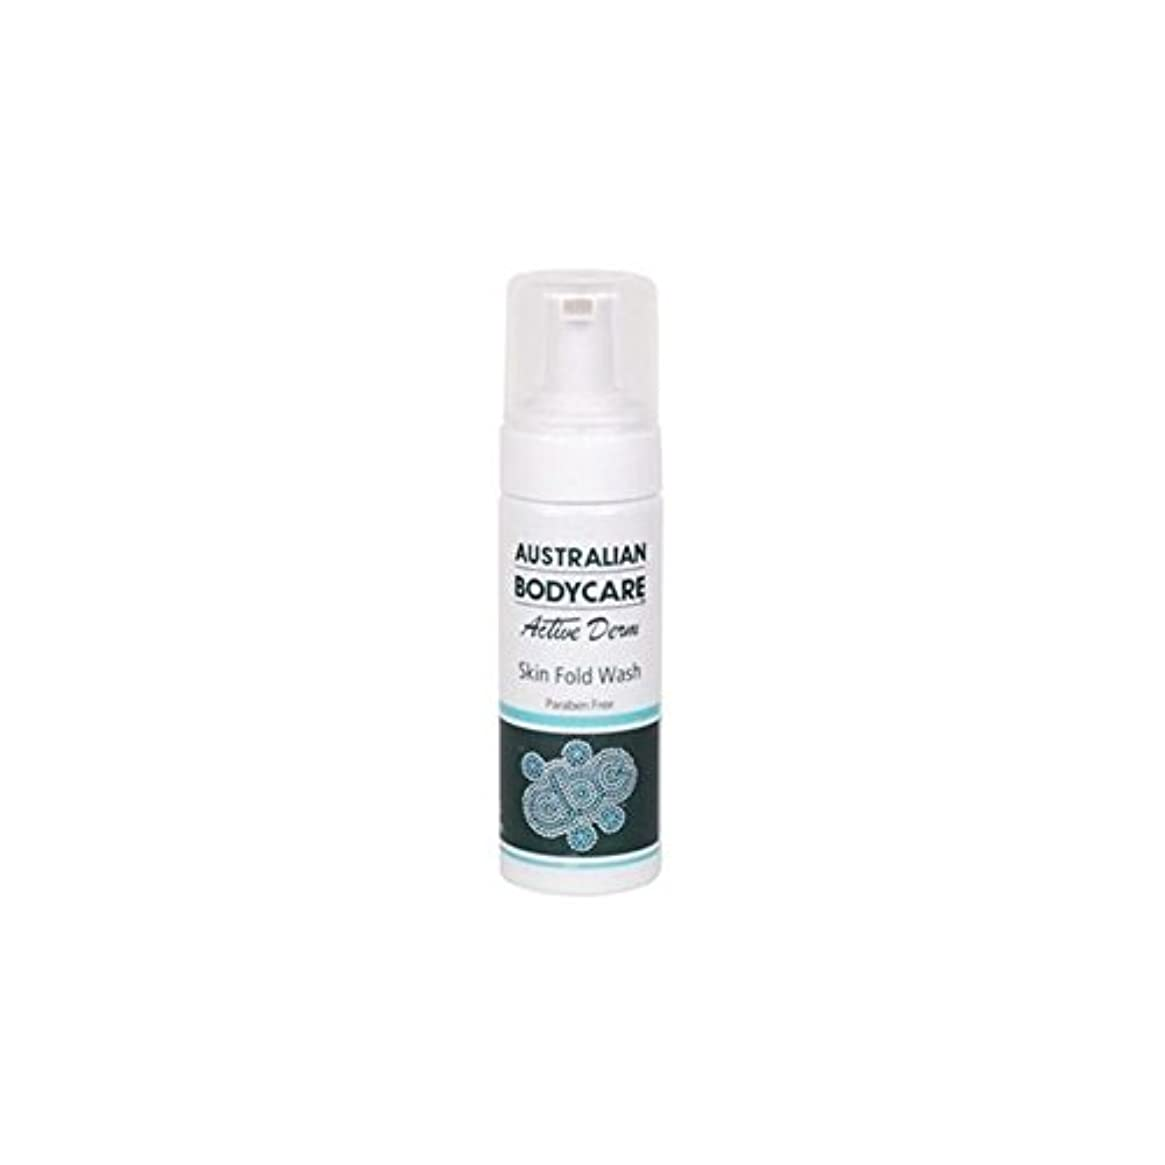 忍耐嫉妬セットアップAustralian Bodycare Active Derm Skin Fold Wash (150ml) - オーストラリアのボディケアアクティブダームの皮膚のひだの洗浄(150ミリリットル) [並行輸入品]